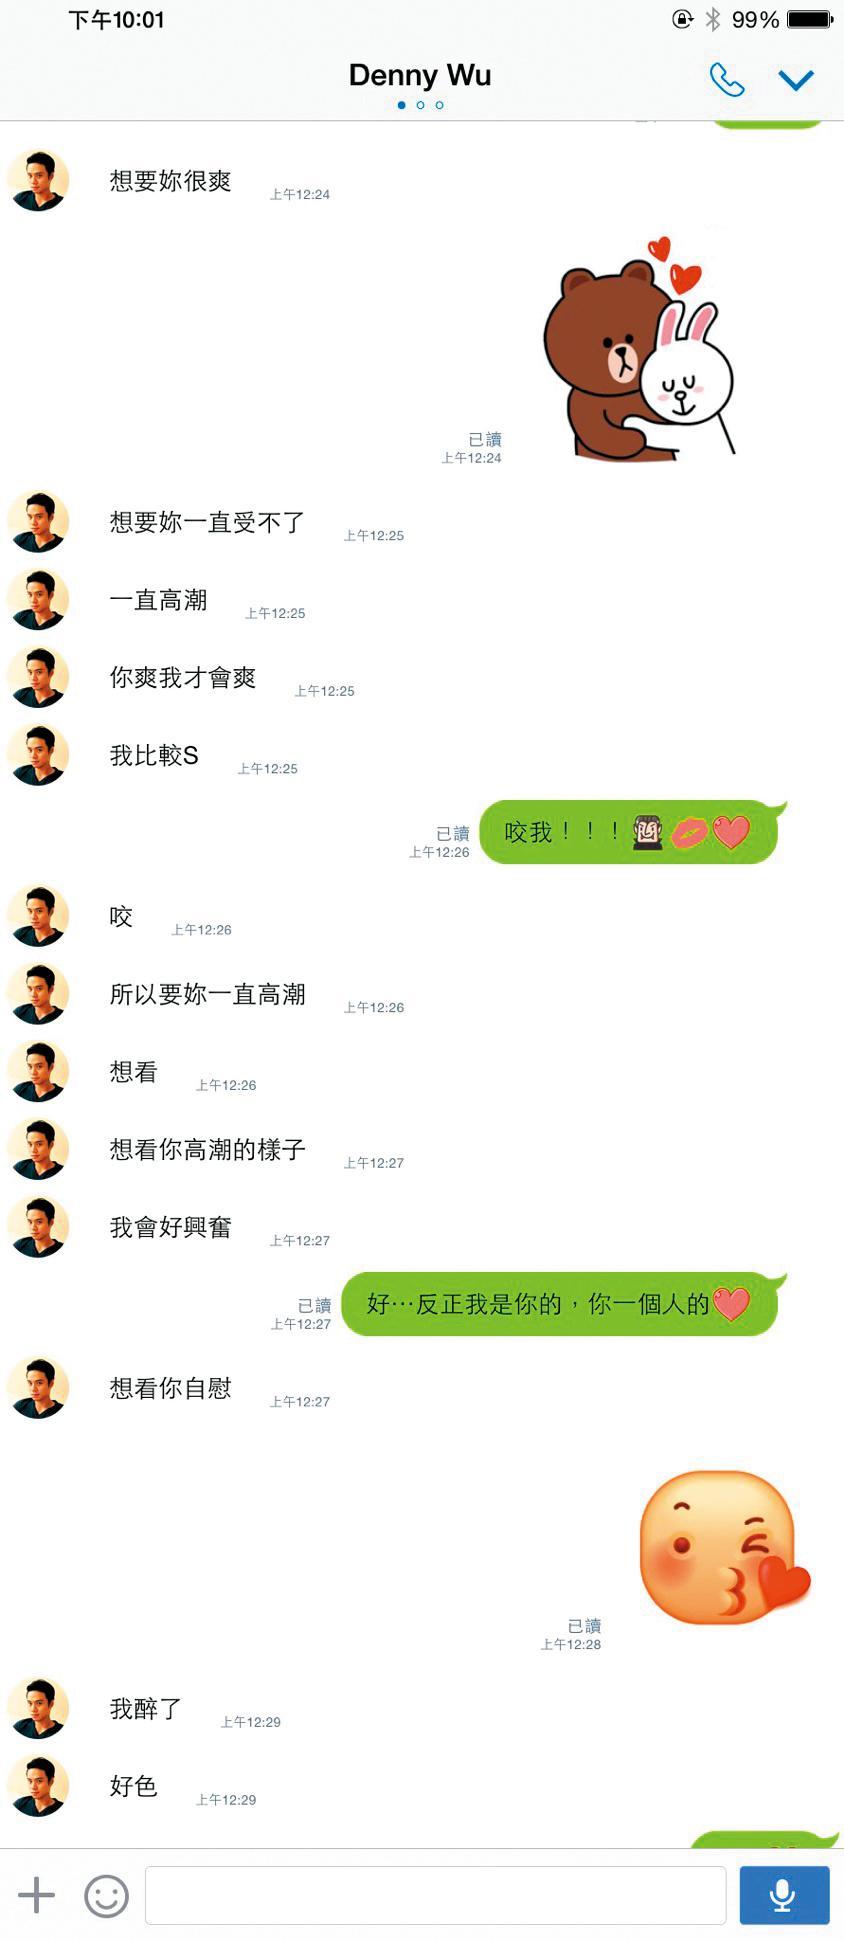 吳定謙用Line帳號Denny Wu傳給小乖不少鹹濕訊息,一來一回極具情趣。只是小乖向本刊說,吳定謙在大白天也傳過類似訊息,尤其當在會議中跳出訊息,讓她頗尷尬。(小乖提供)